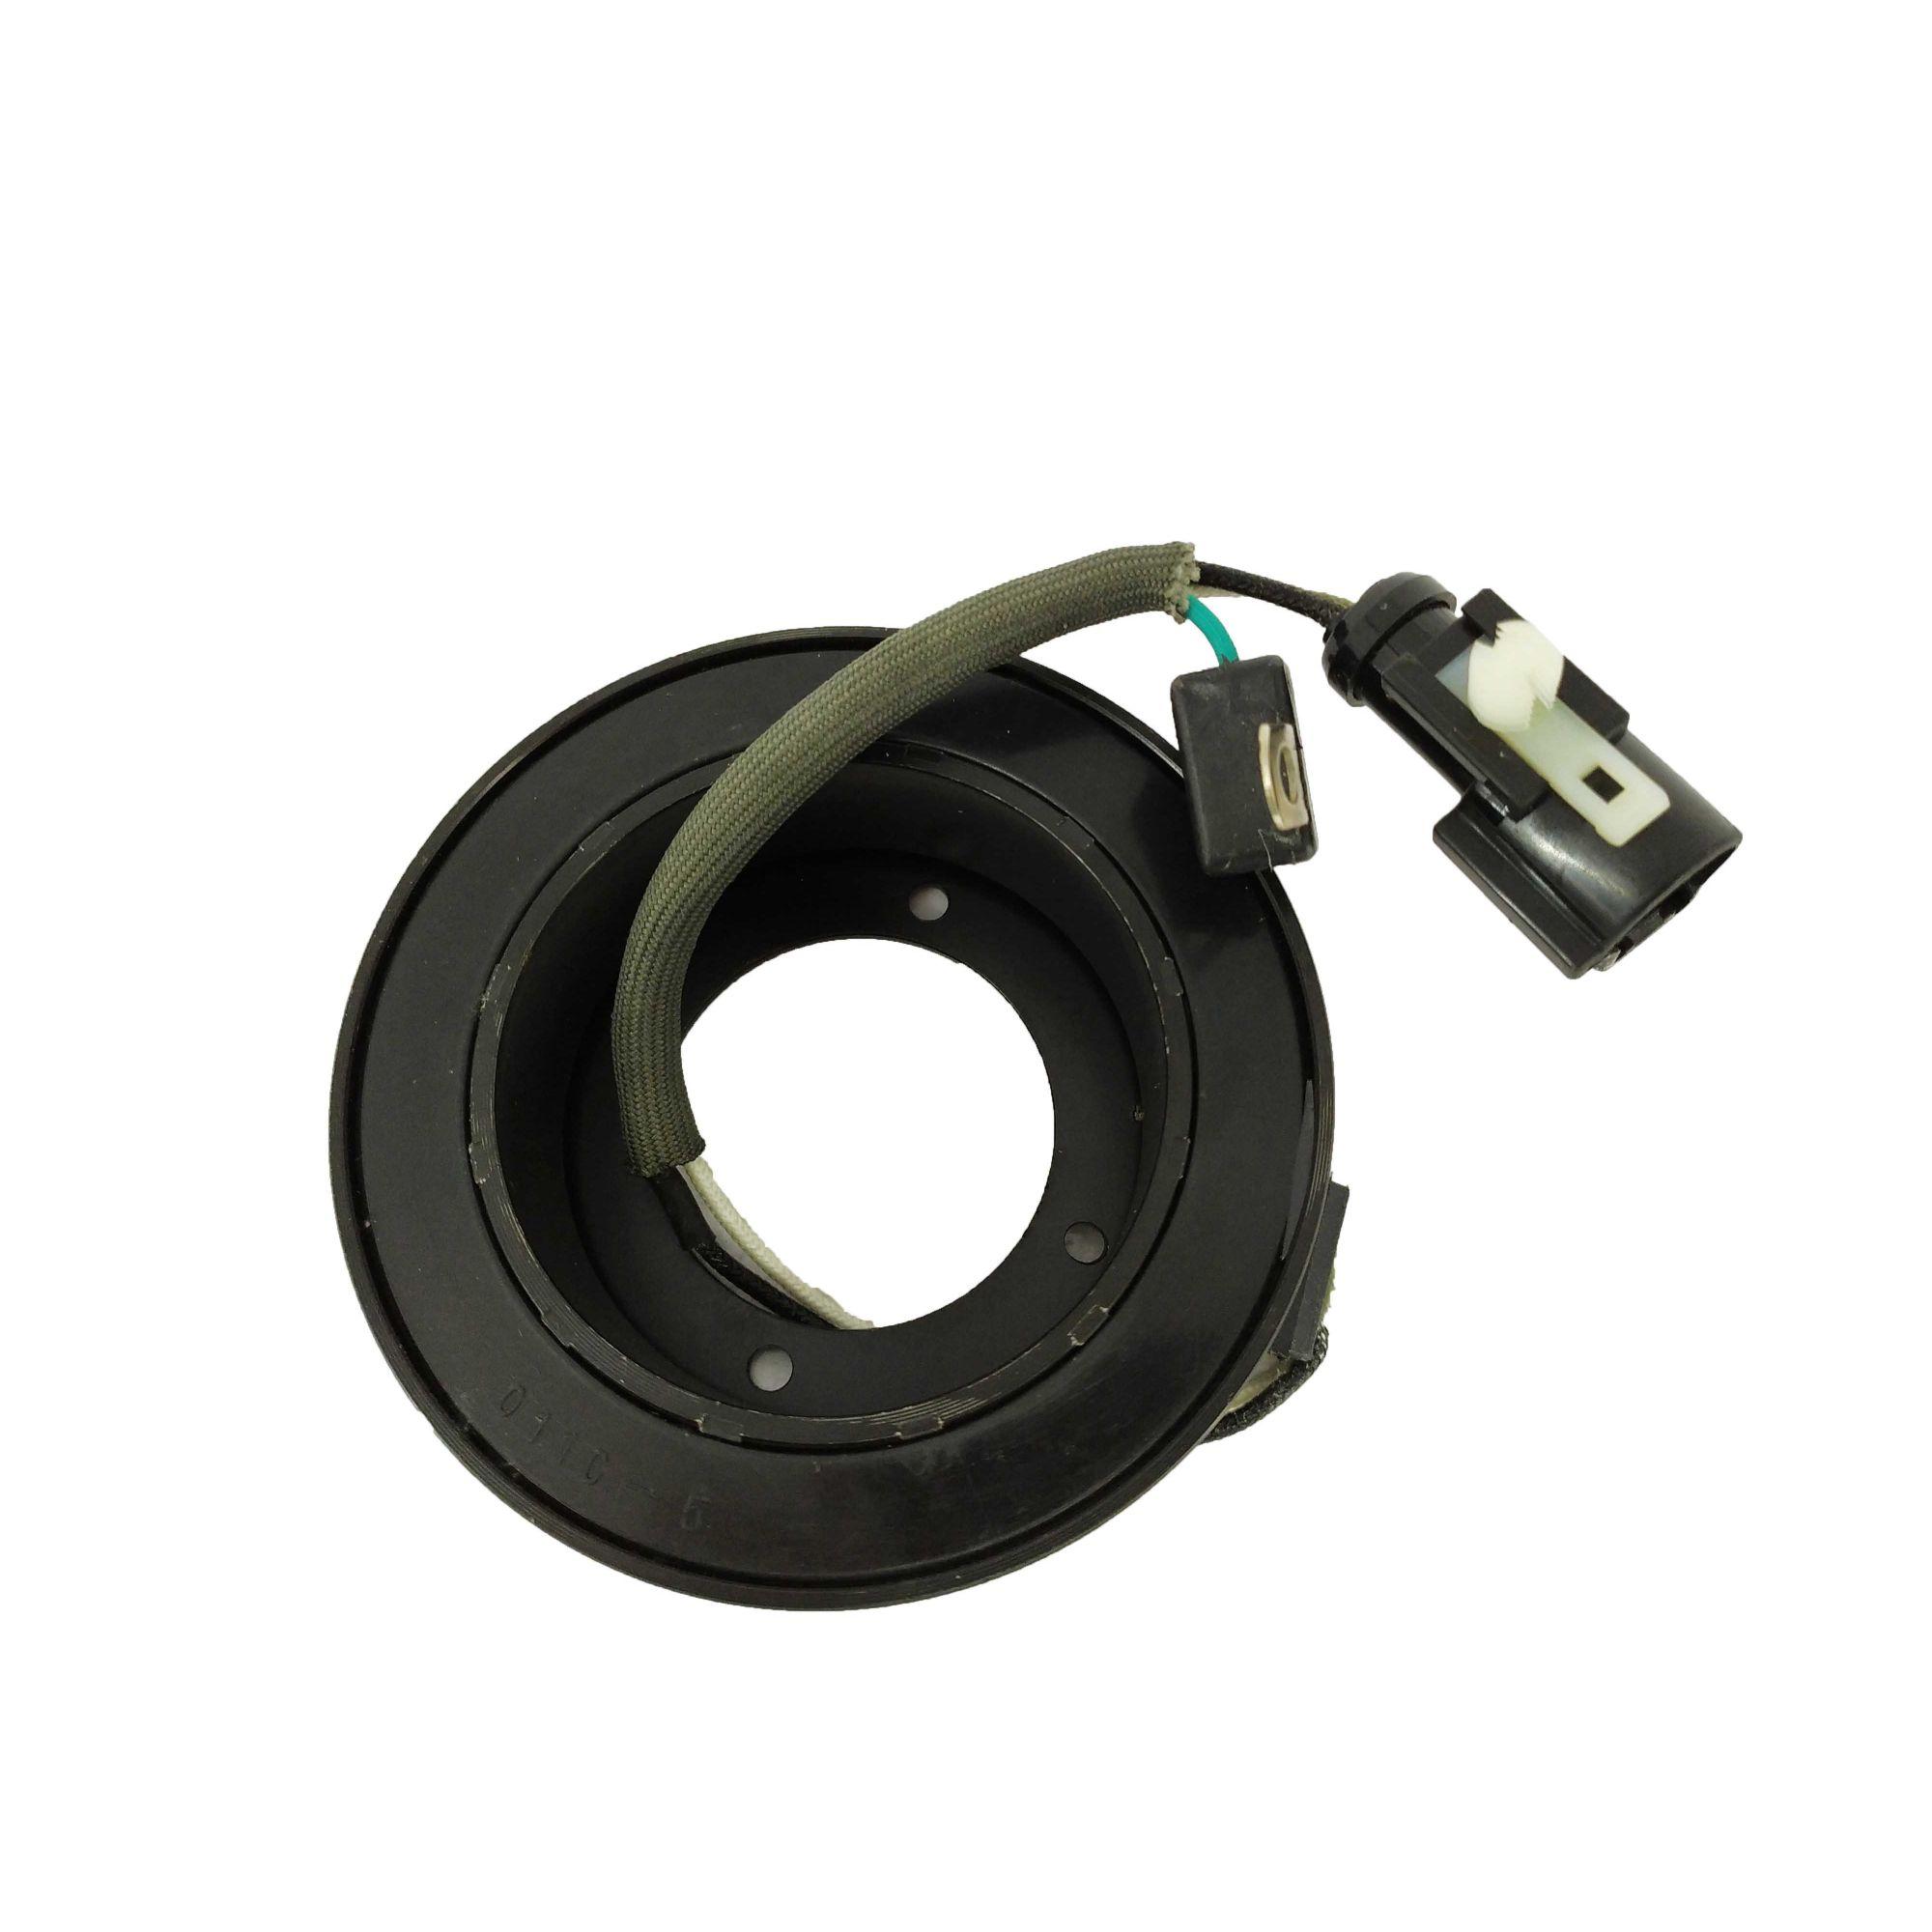 Bobina Compressor Denso 6p148 / 10p15 - 12v